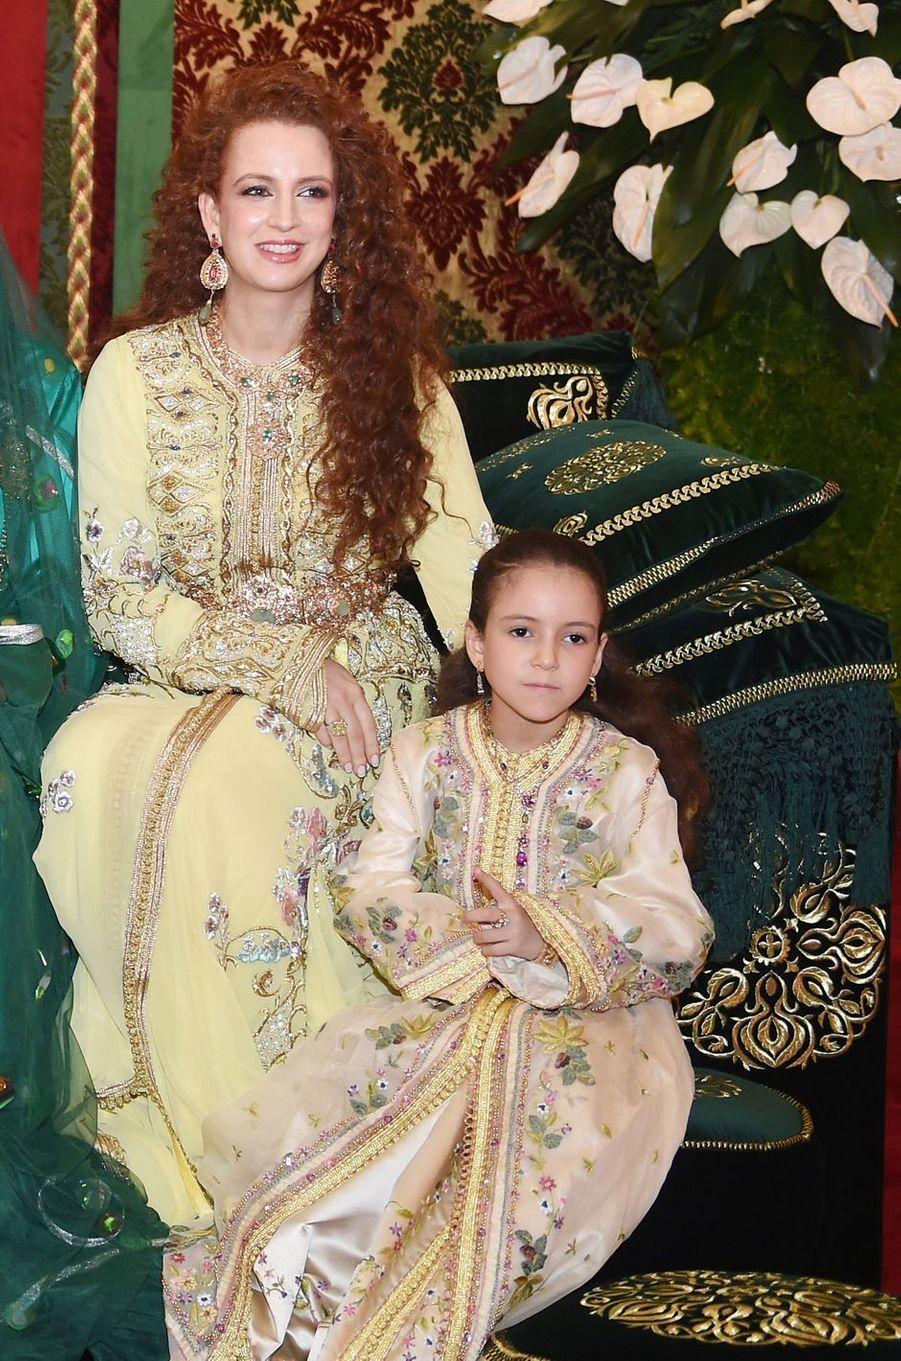 La princesse Lalla Khadija du Maroc avec sa mère la princesse Lalla Salma, le 13 novembre 2014